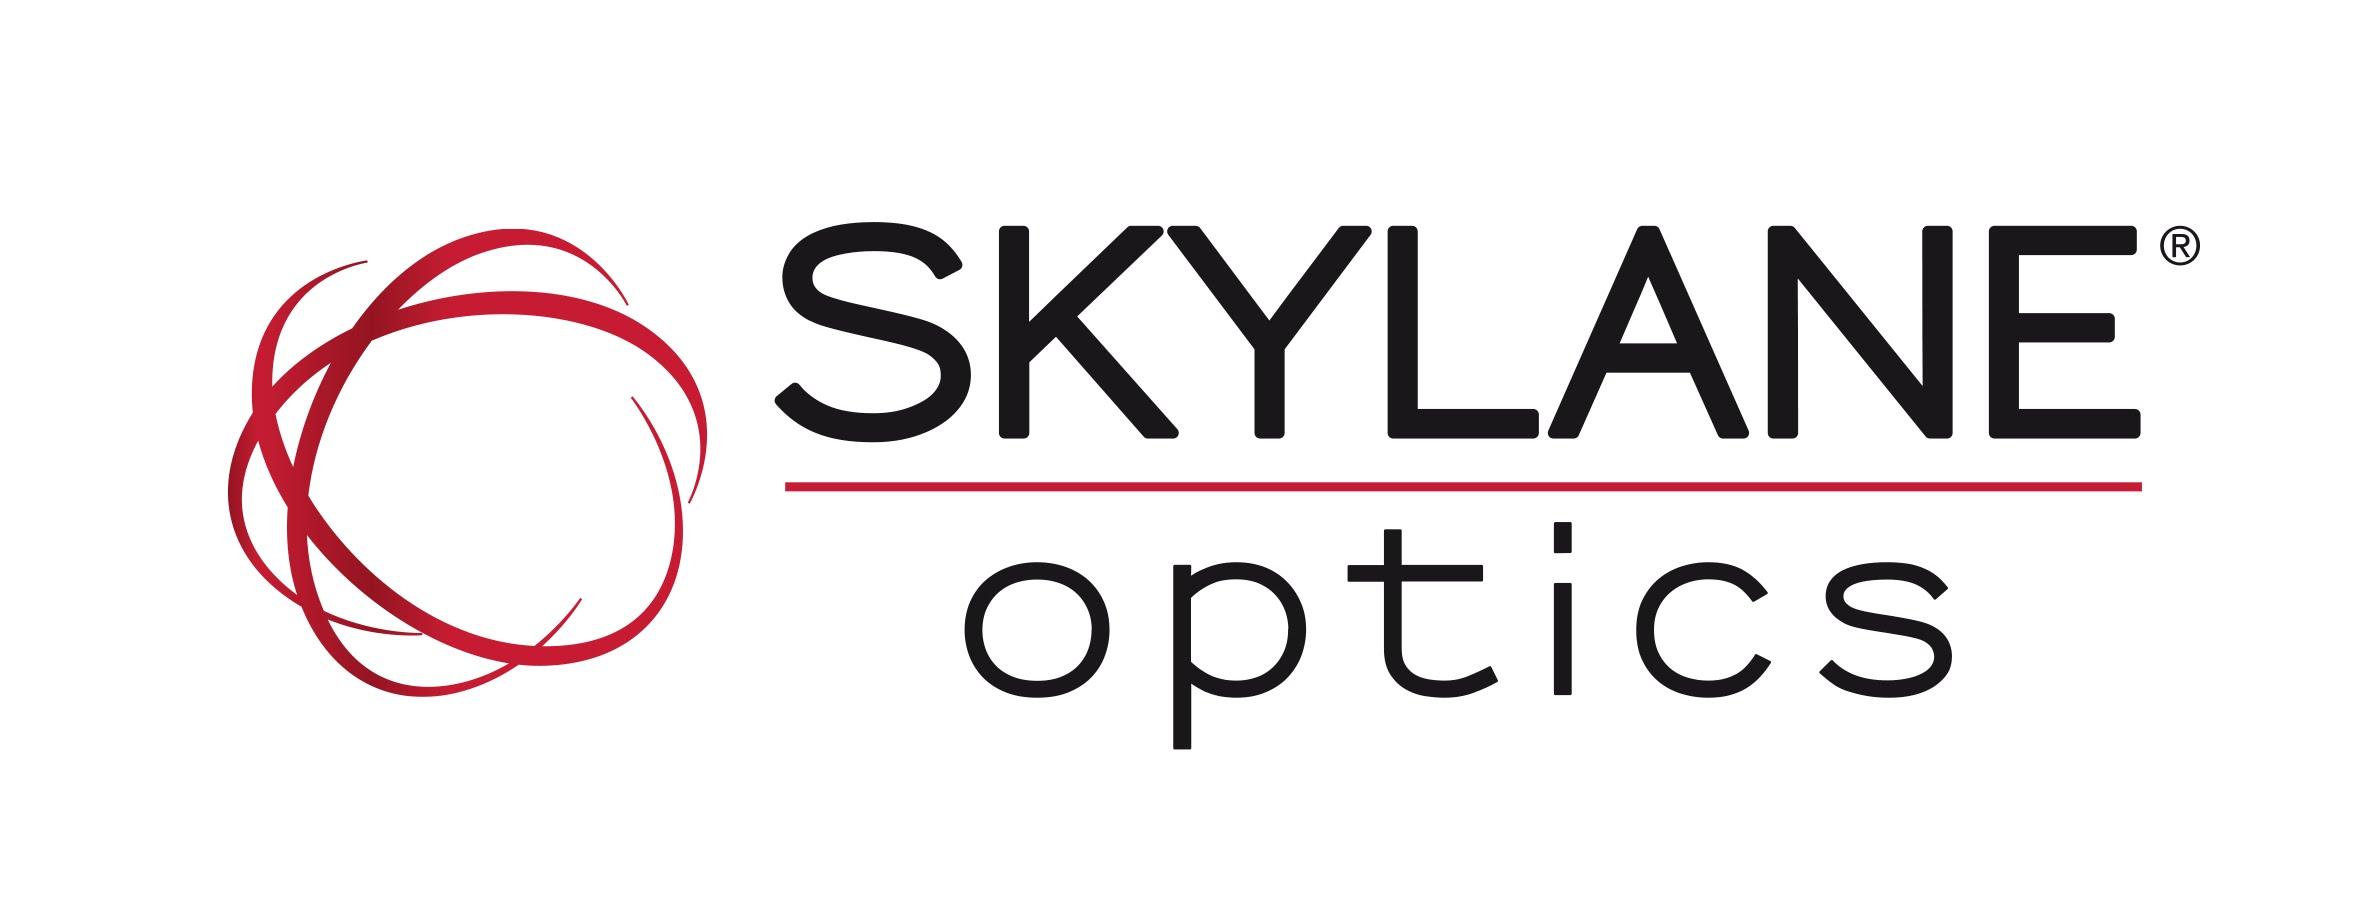 Skyline Optics